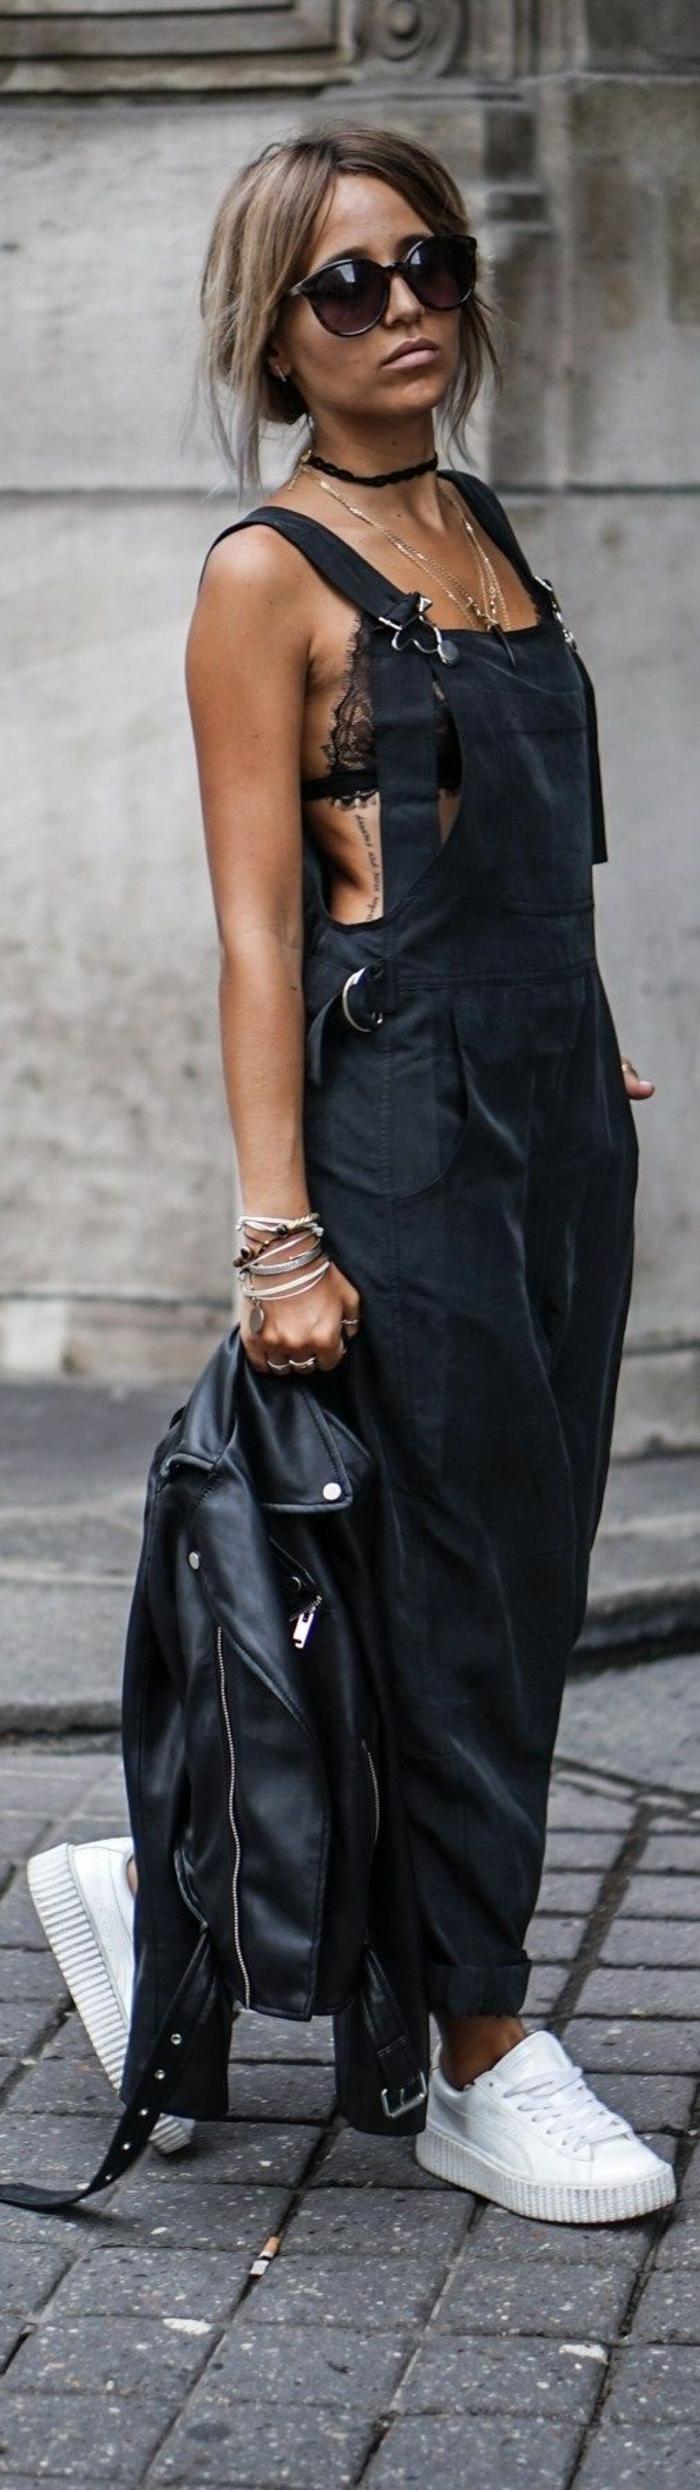 Vintage mode salopette pantalon salopette en cuir